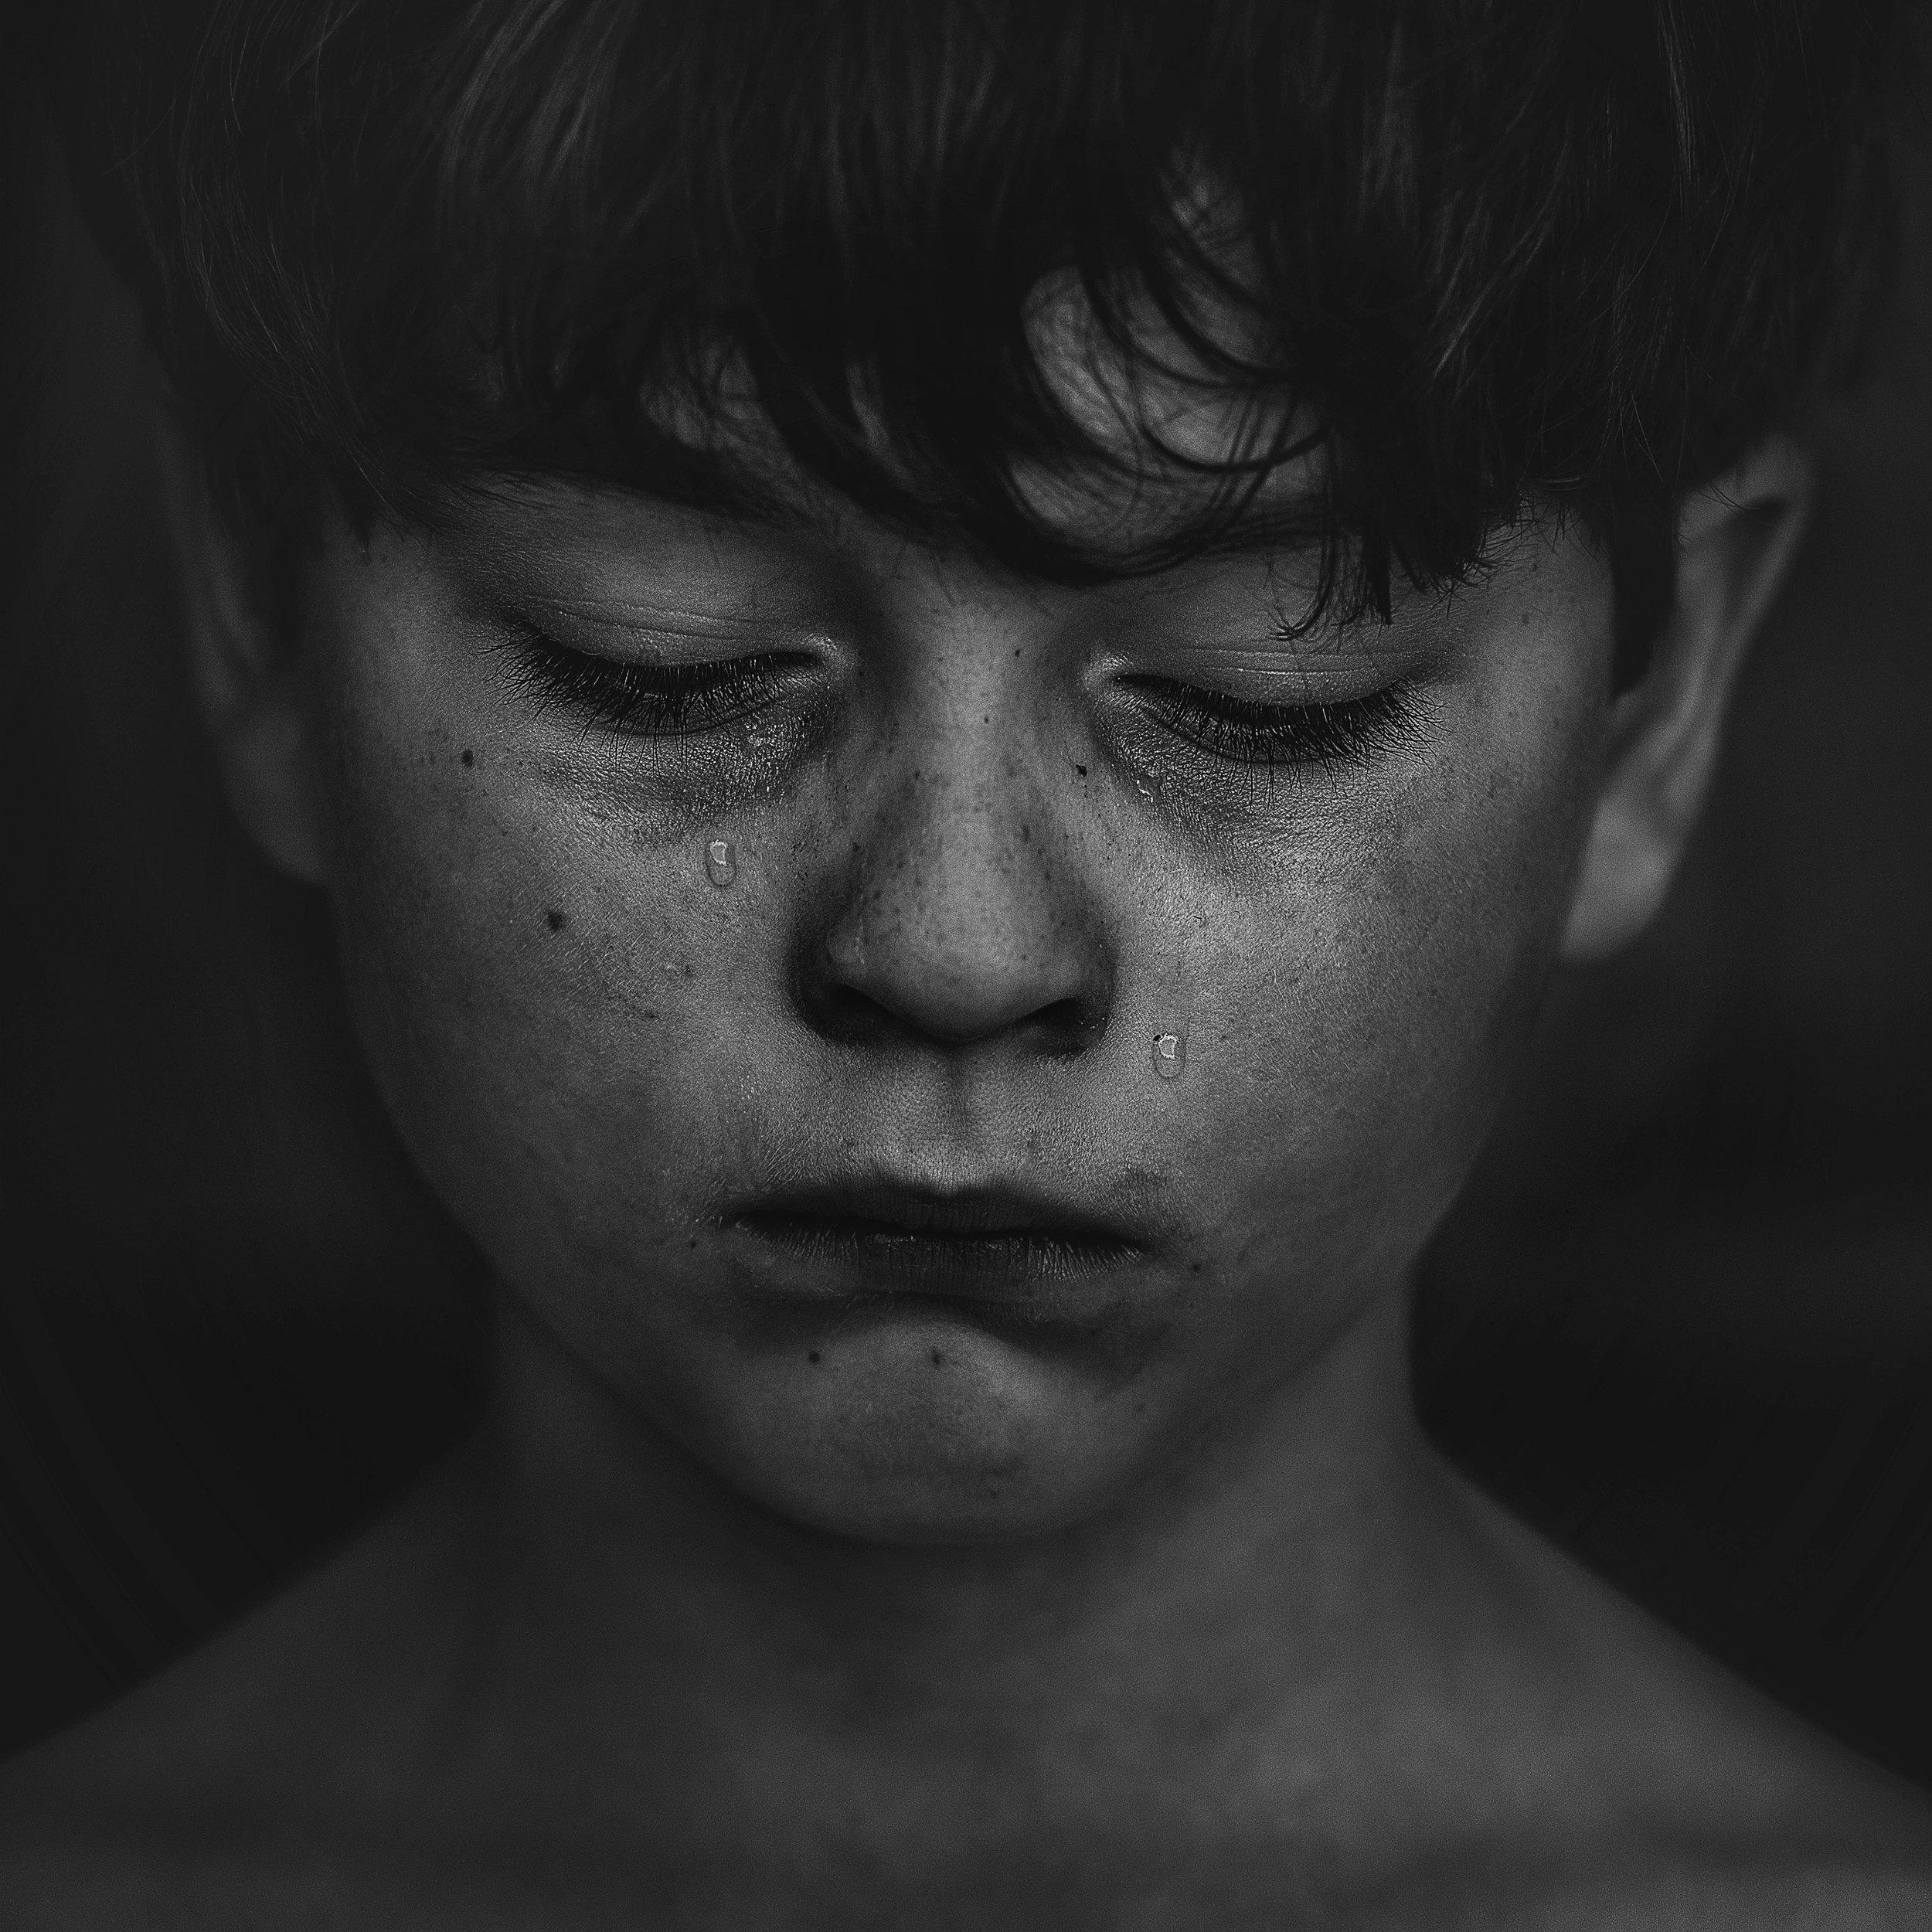 negligencia emocional en la infancia - Se trata del efecto que tiene el descuido emocional de los padres hacia los niños, quienes crecen en ambientes en los que no se les enseña a entrar en contacto, experimentar y comprender sus emociones.La negligencia emocional es una falta de atención a las emociones y los sentimientos de un niño, también de la ausencia de respuesta adecuada a los mismos.